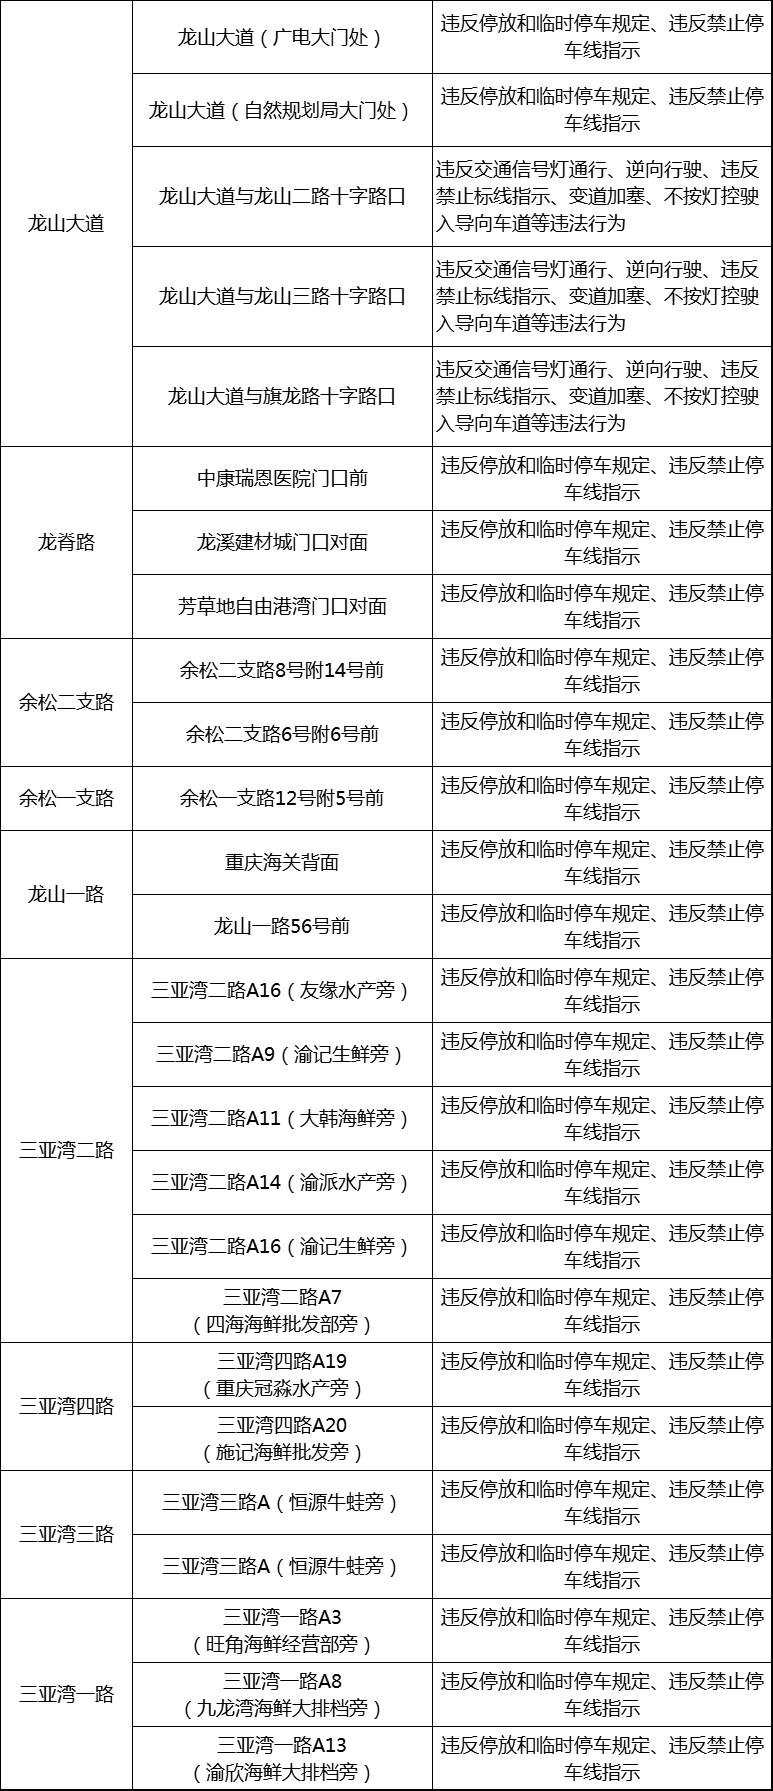 【早生活】渝北新增125处交通违法抓拍摄像头